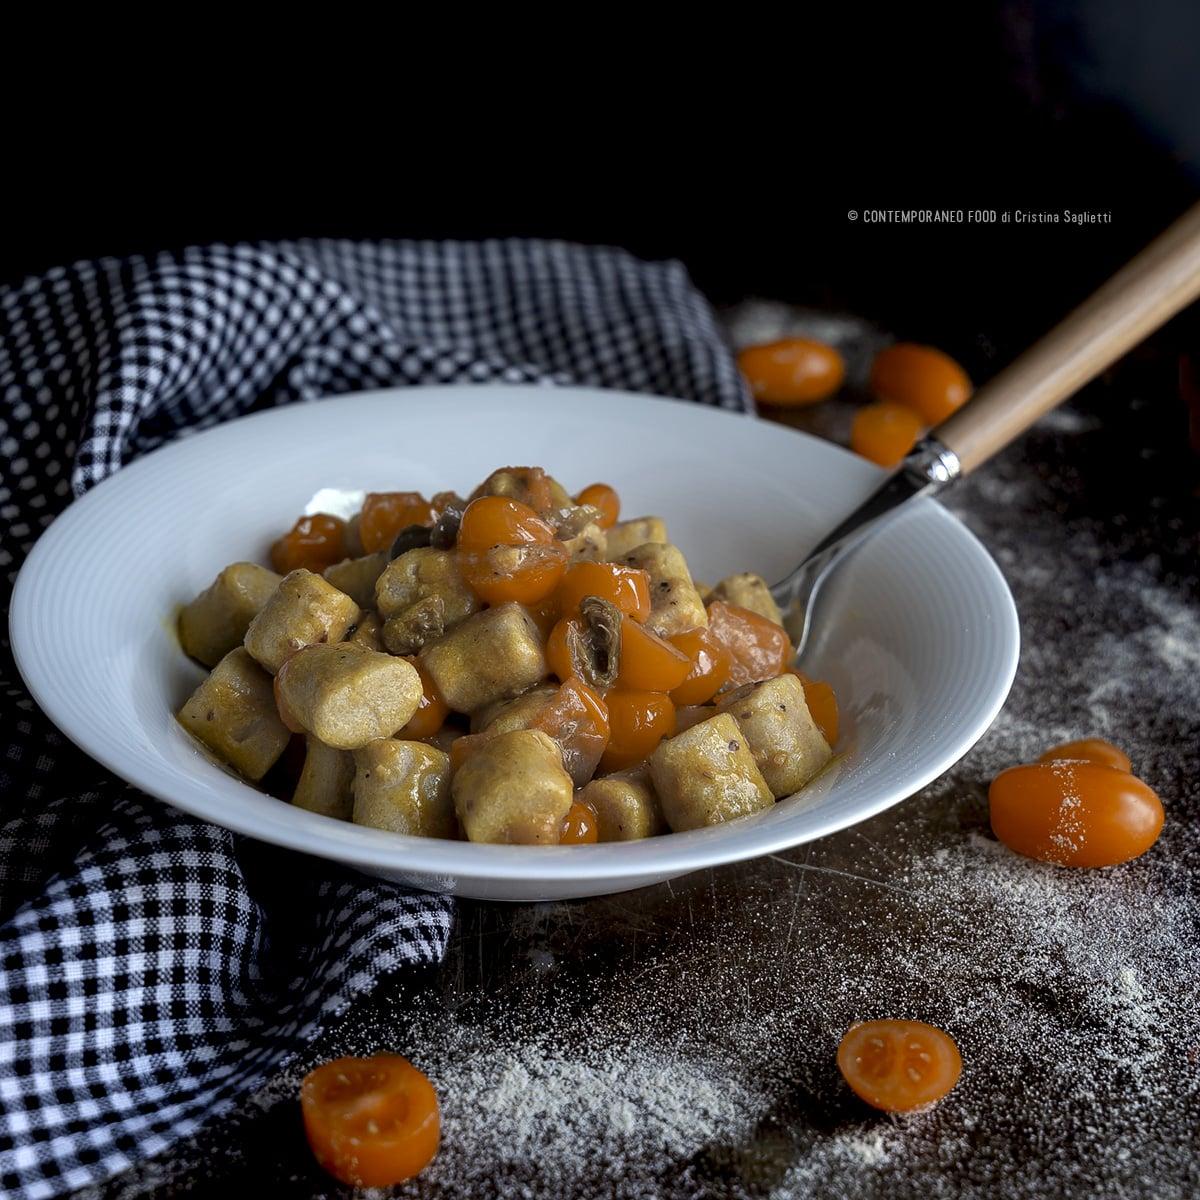 gnocchi-ricotta-farina-di-amaranto-senza-glutine-ricetta-primi-facile-farine-alternative-contemporaneofood